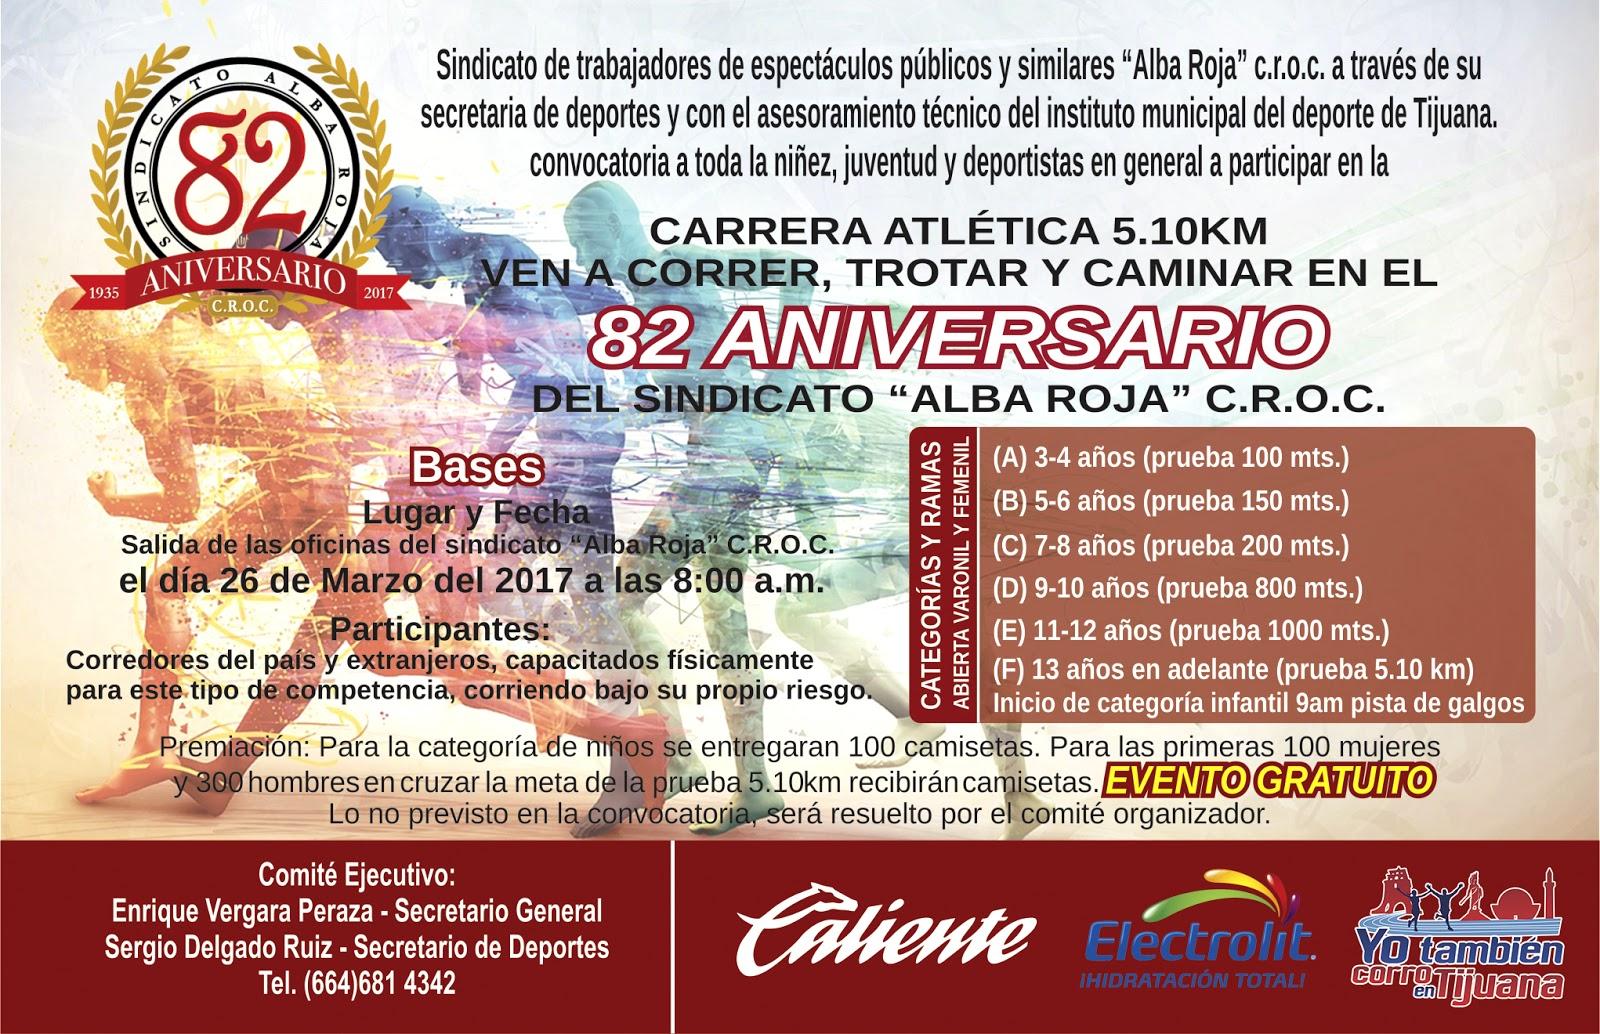 Convocatoria - Carrera Atlética Sindicato Alba Roja 5.10K ...